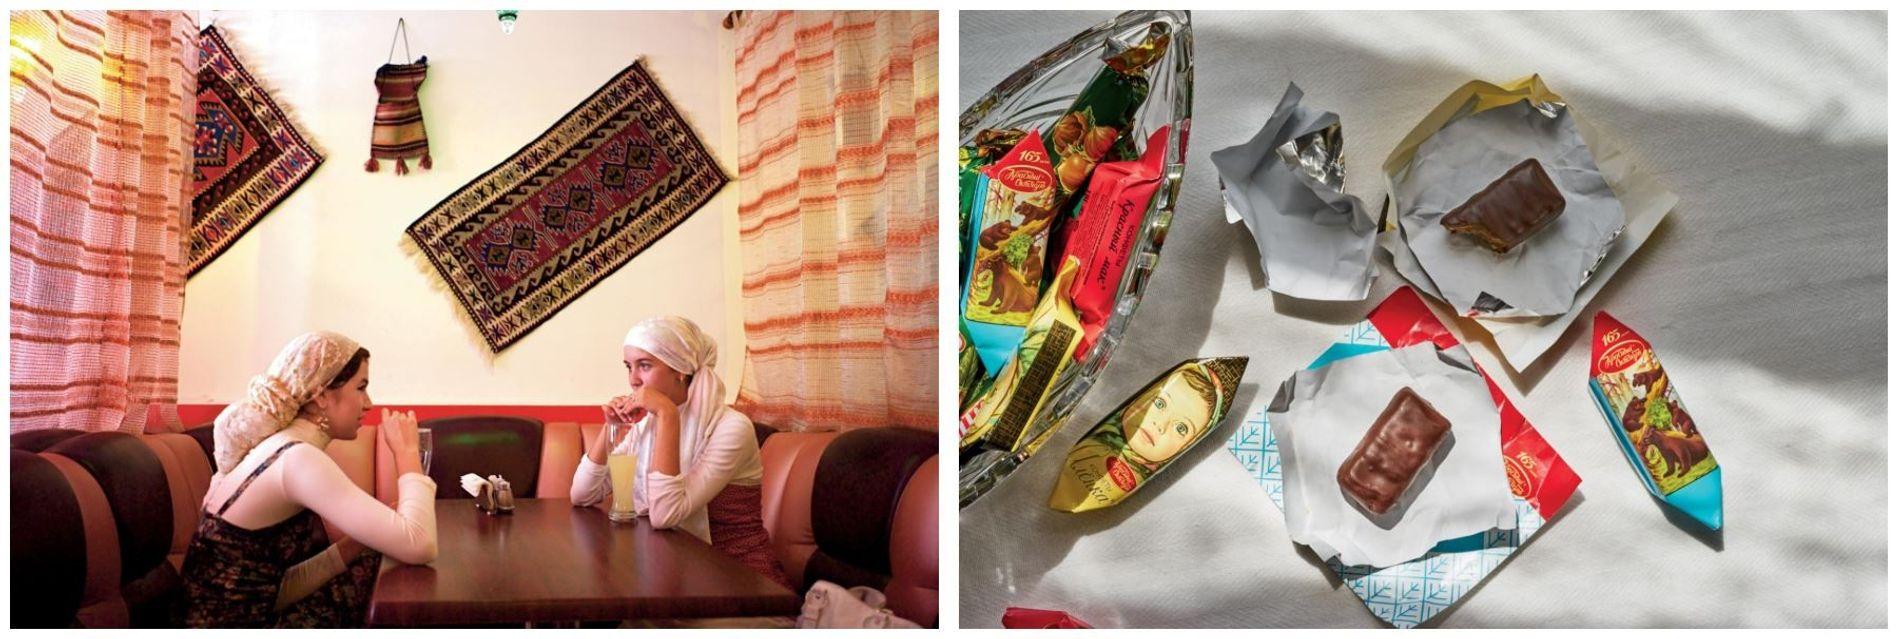 Esquerda: Duas mulheres em Kazan, no Tartaristão, bebem uma bebida fermentada tradicional, feita com pão de ...